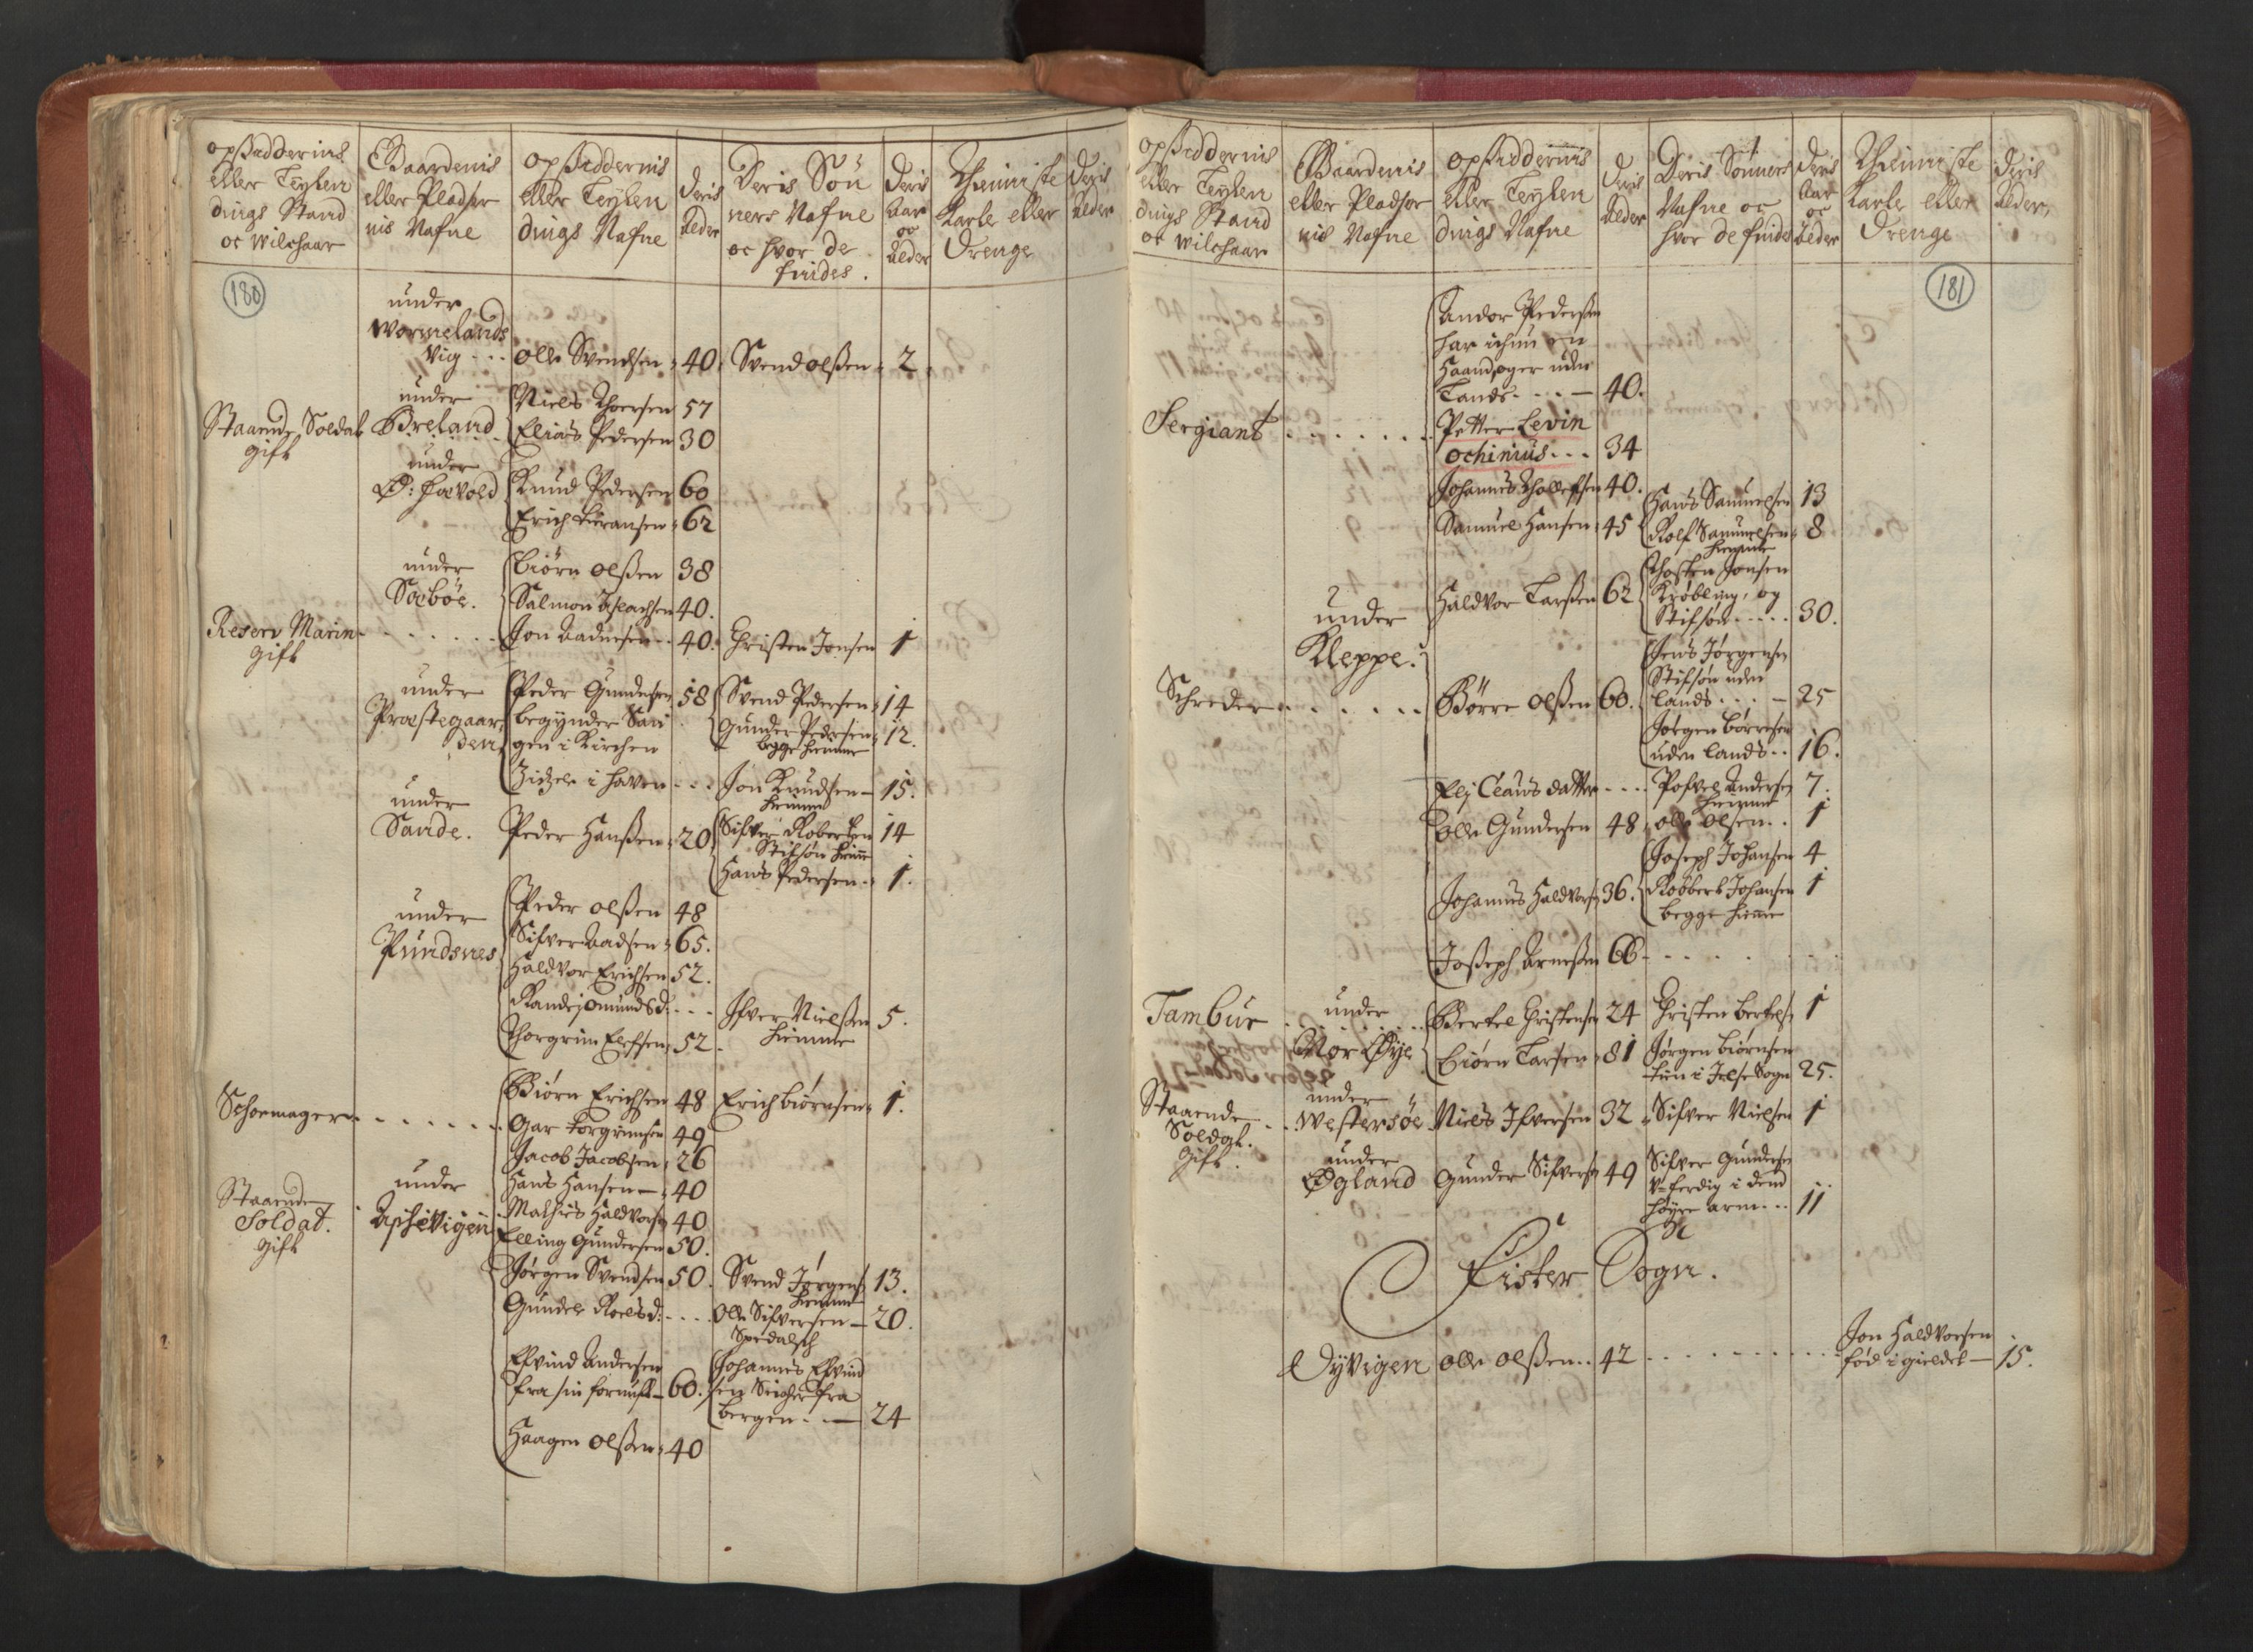 RA, Manntallet 1701, nr. 5: Ryfylke fogderi, 1701, s. 180-181